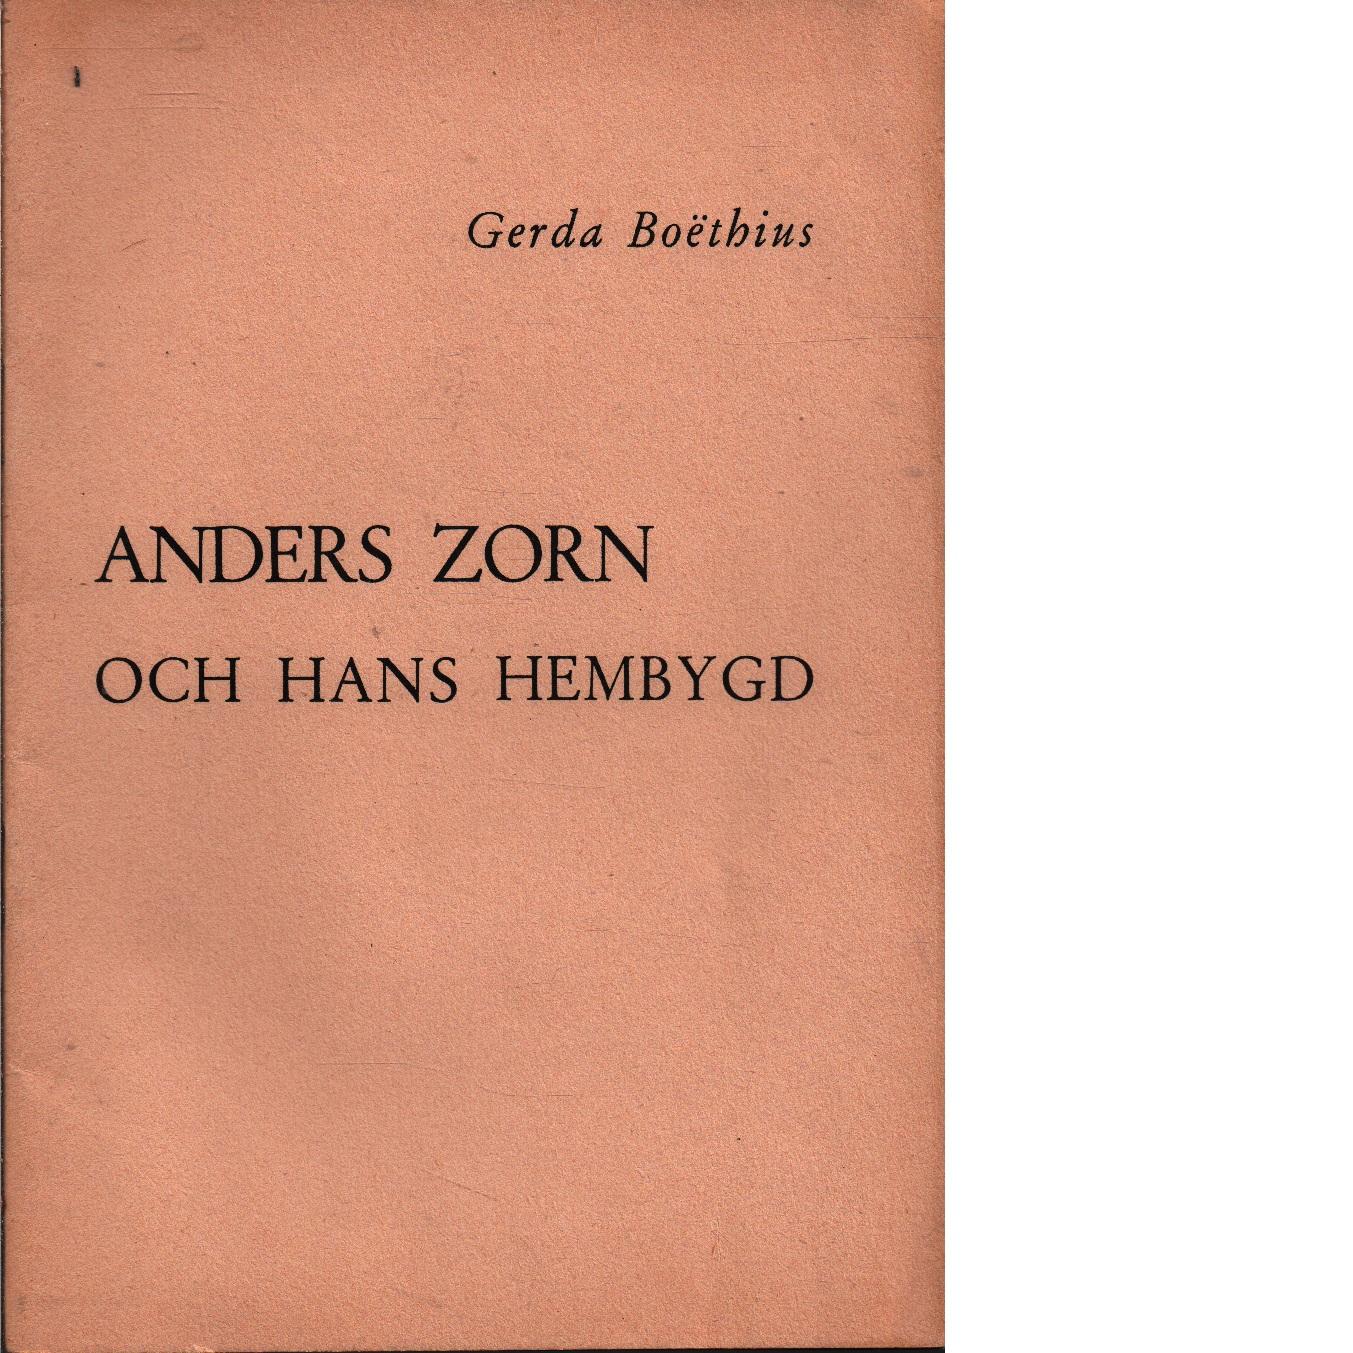 Anders Zorn och hans hembygd - Boëthius, Gerda